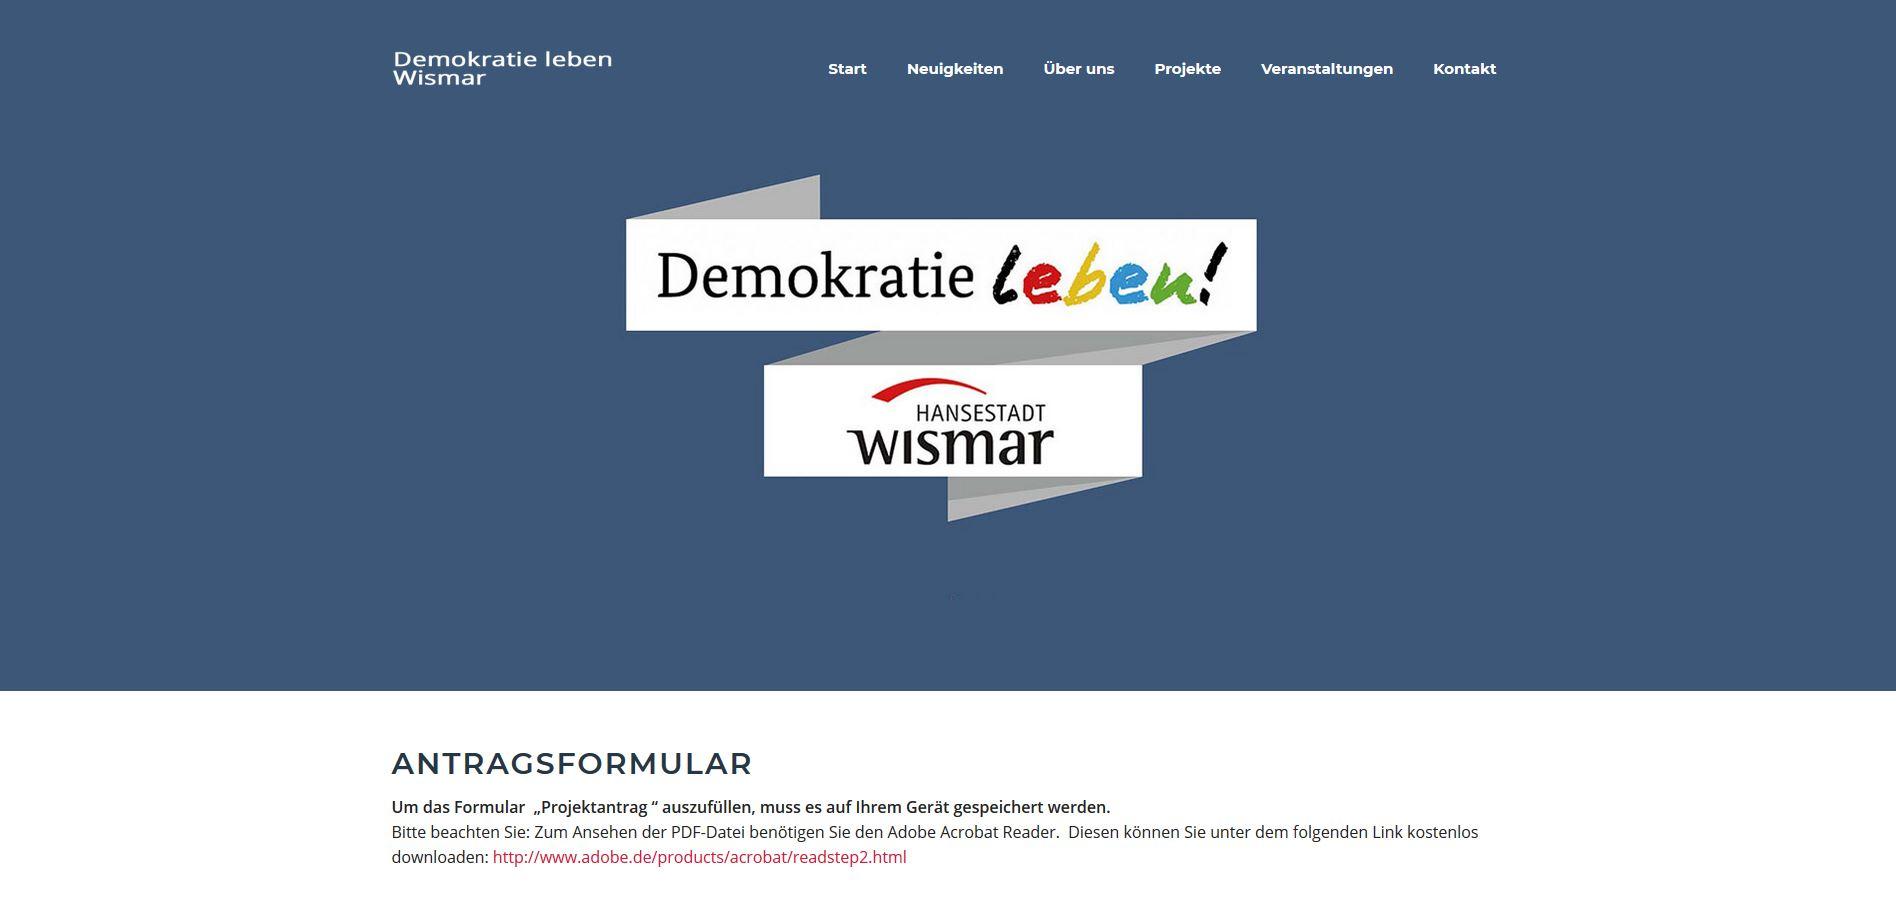 Demokratie leben Wismar